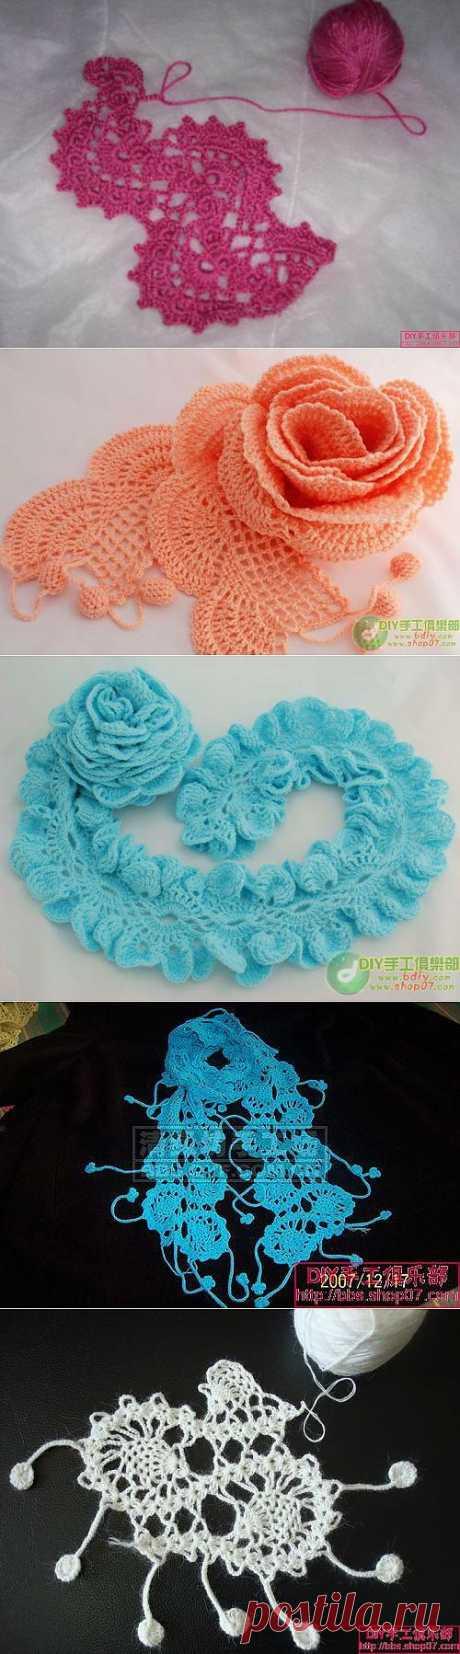 Кружевные шарфики или кружевная отделка